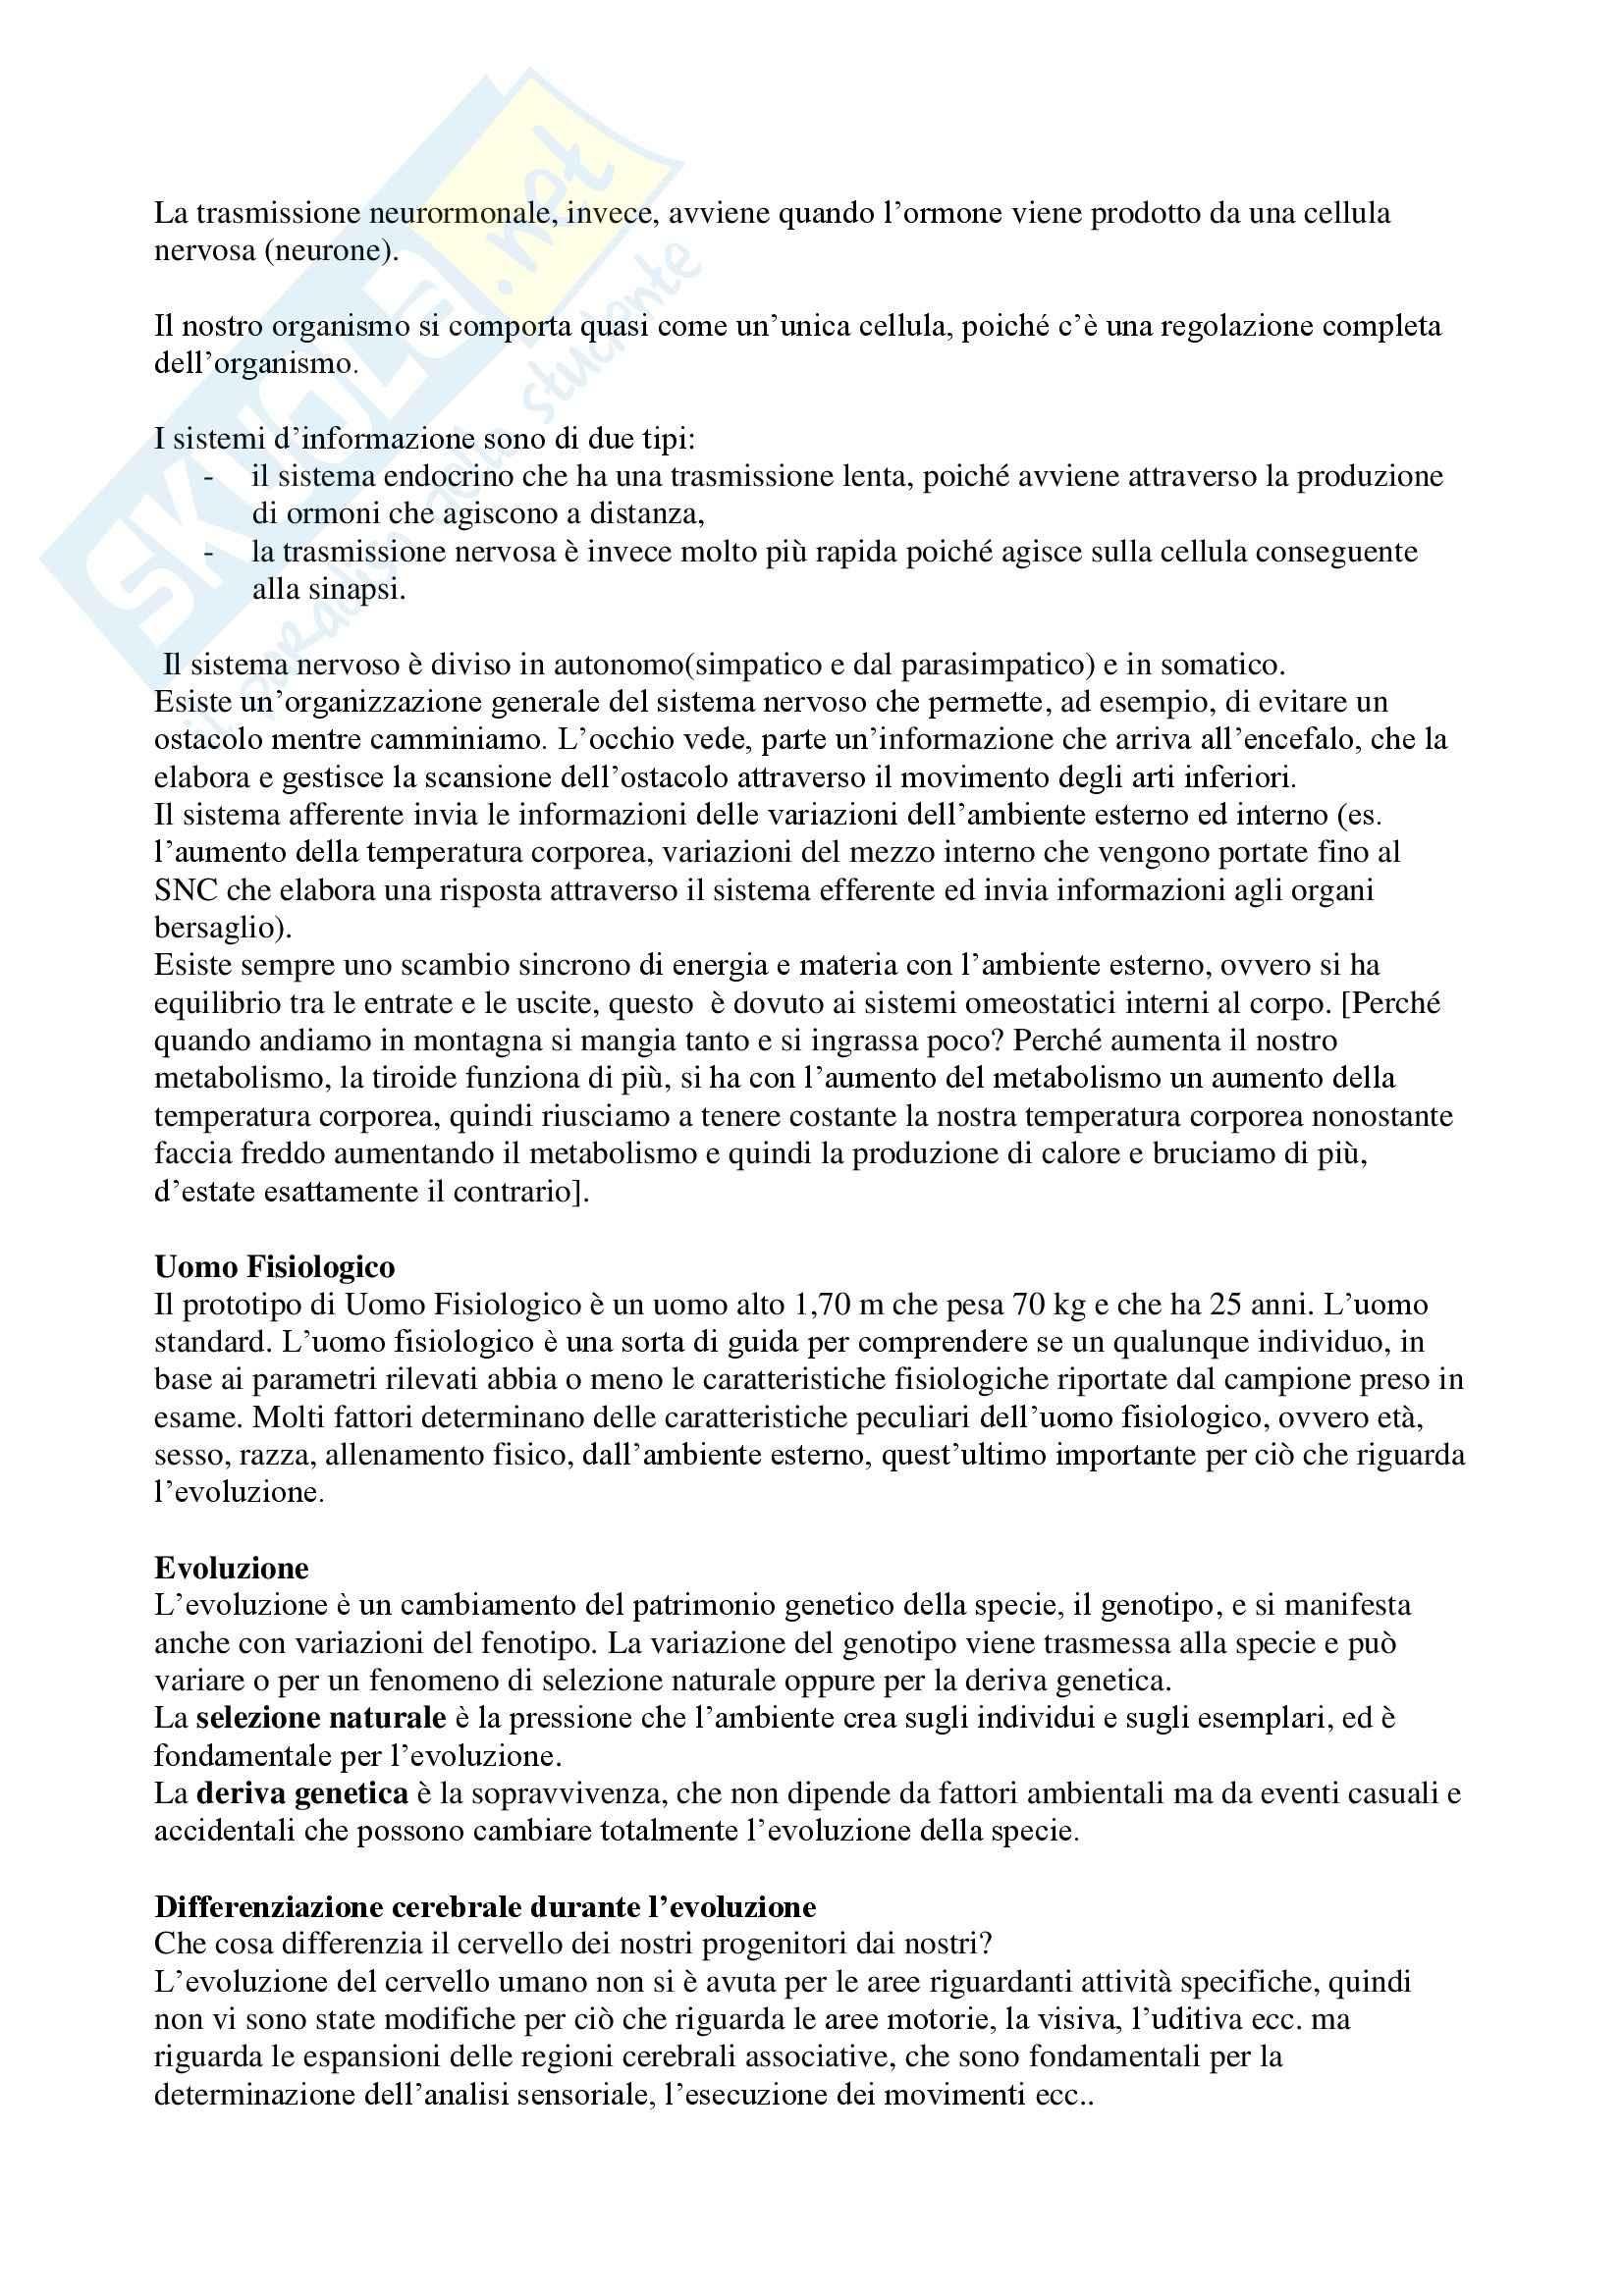 Fisiologia I - fisiologia cellulare Pag. 2